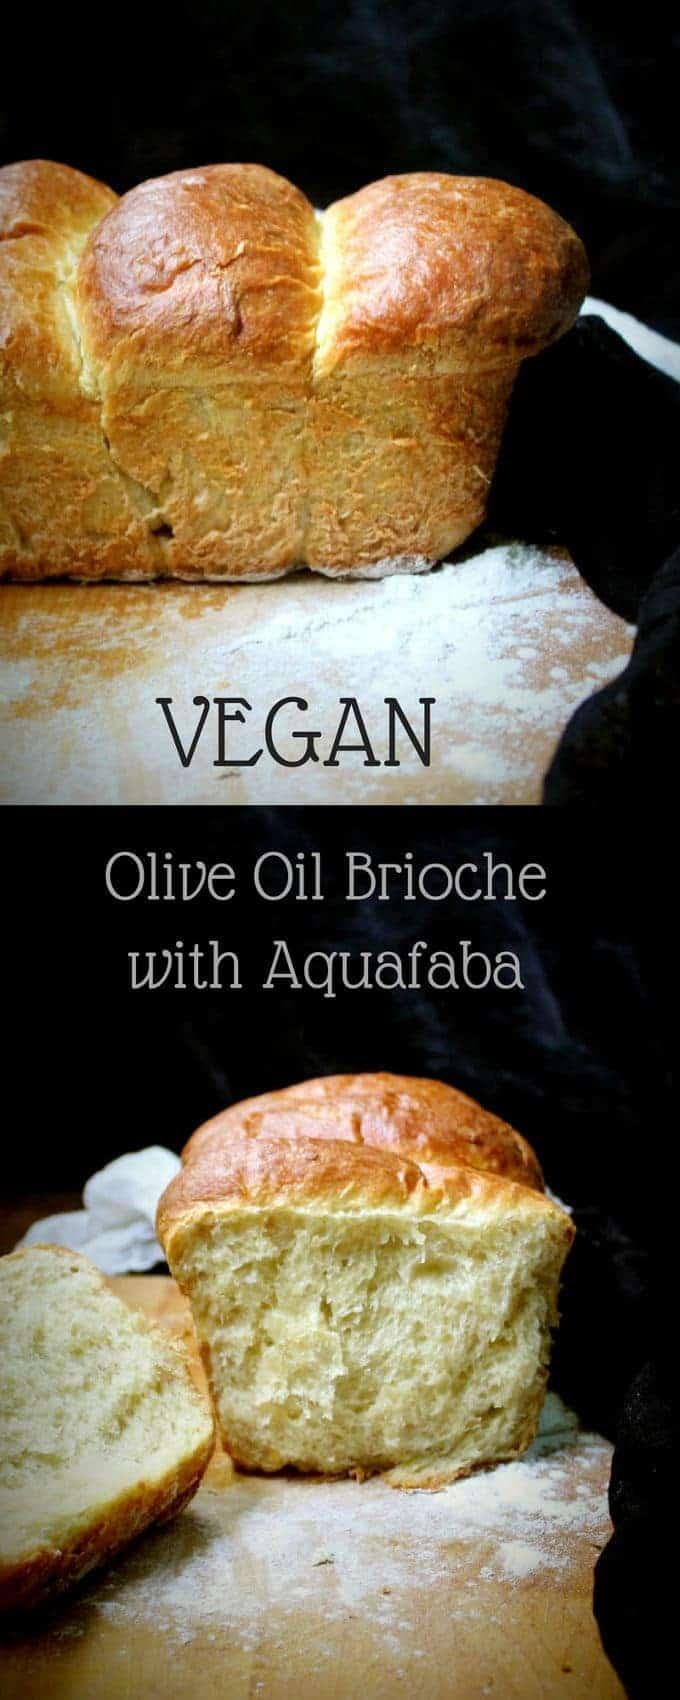 Vegan Olive Oil Brioche with Aquafaba